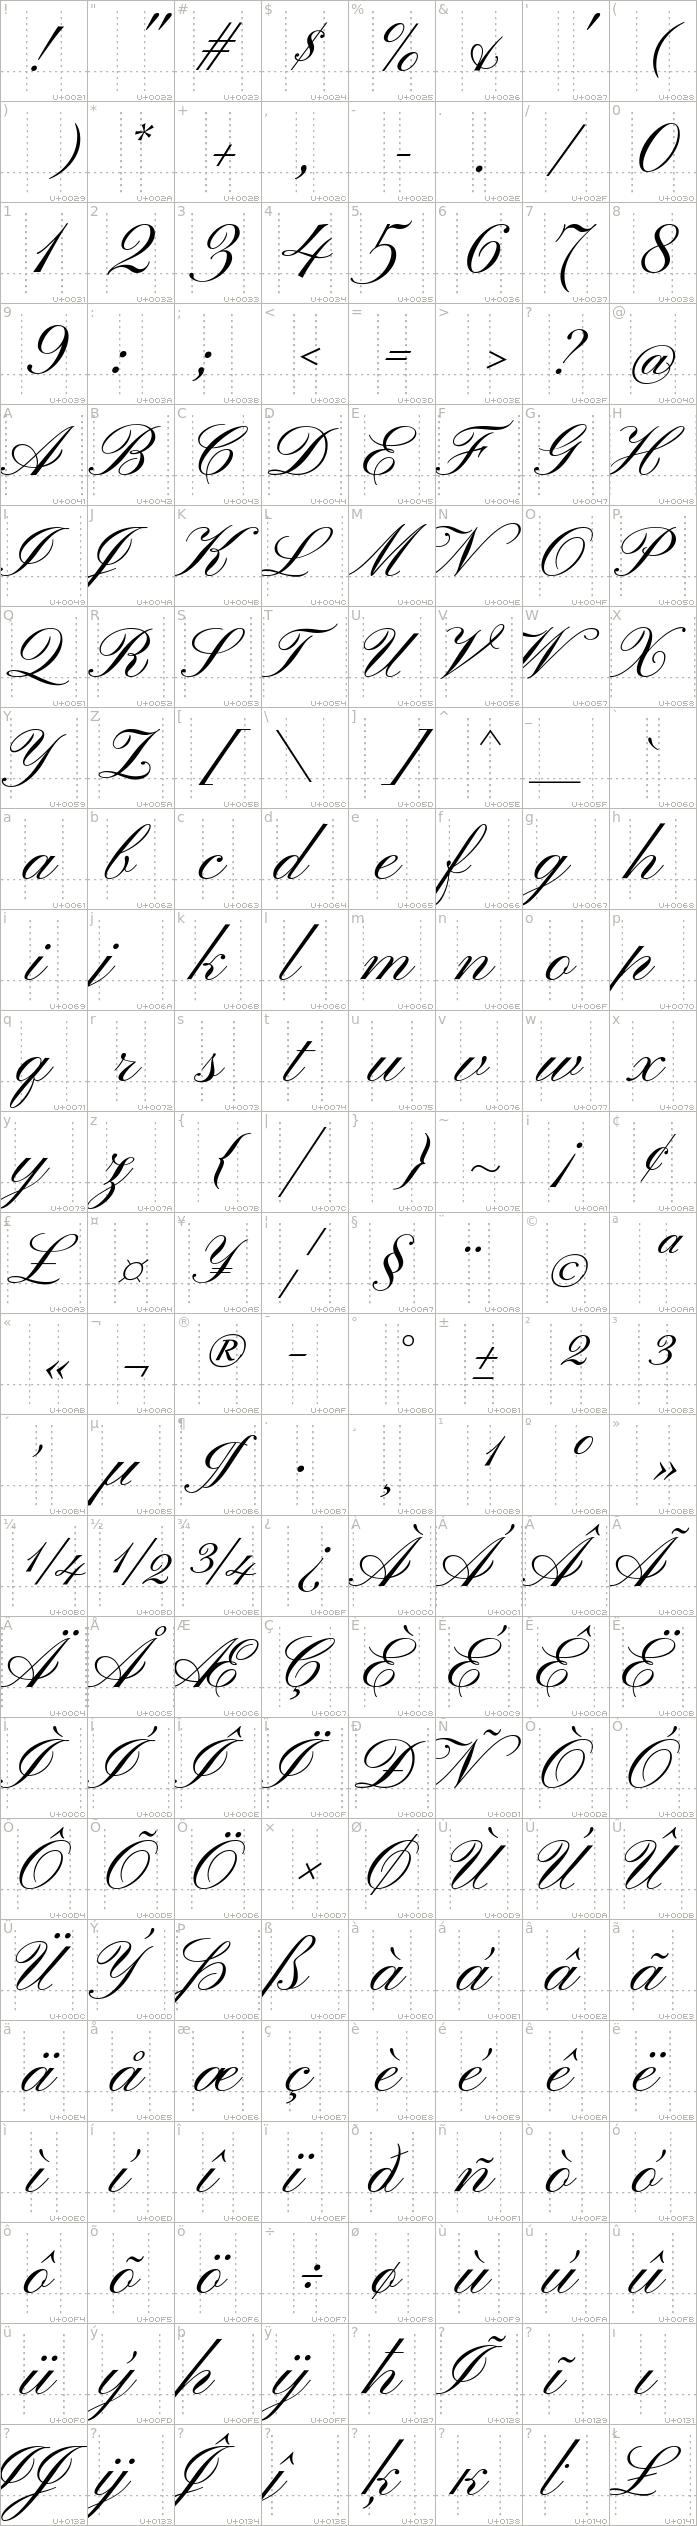 pinyon-script.regular.character-map-1